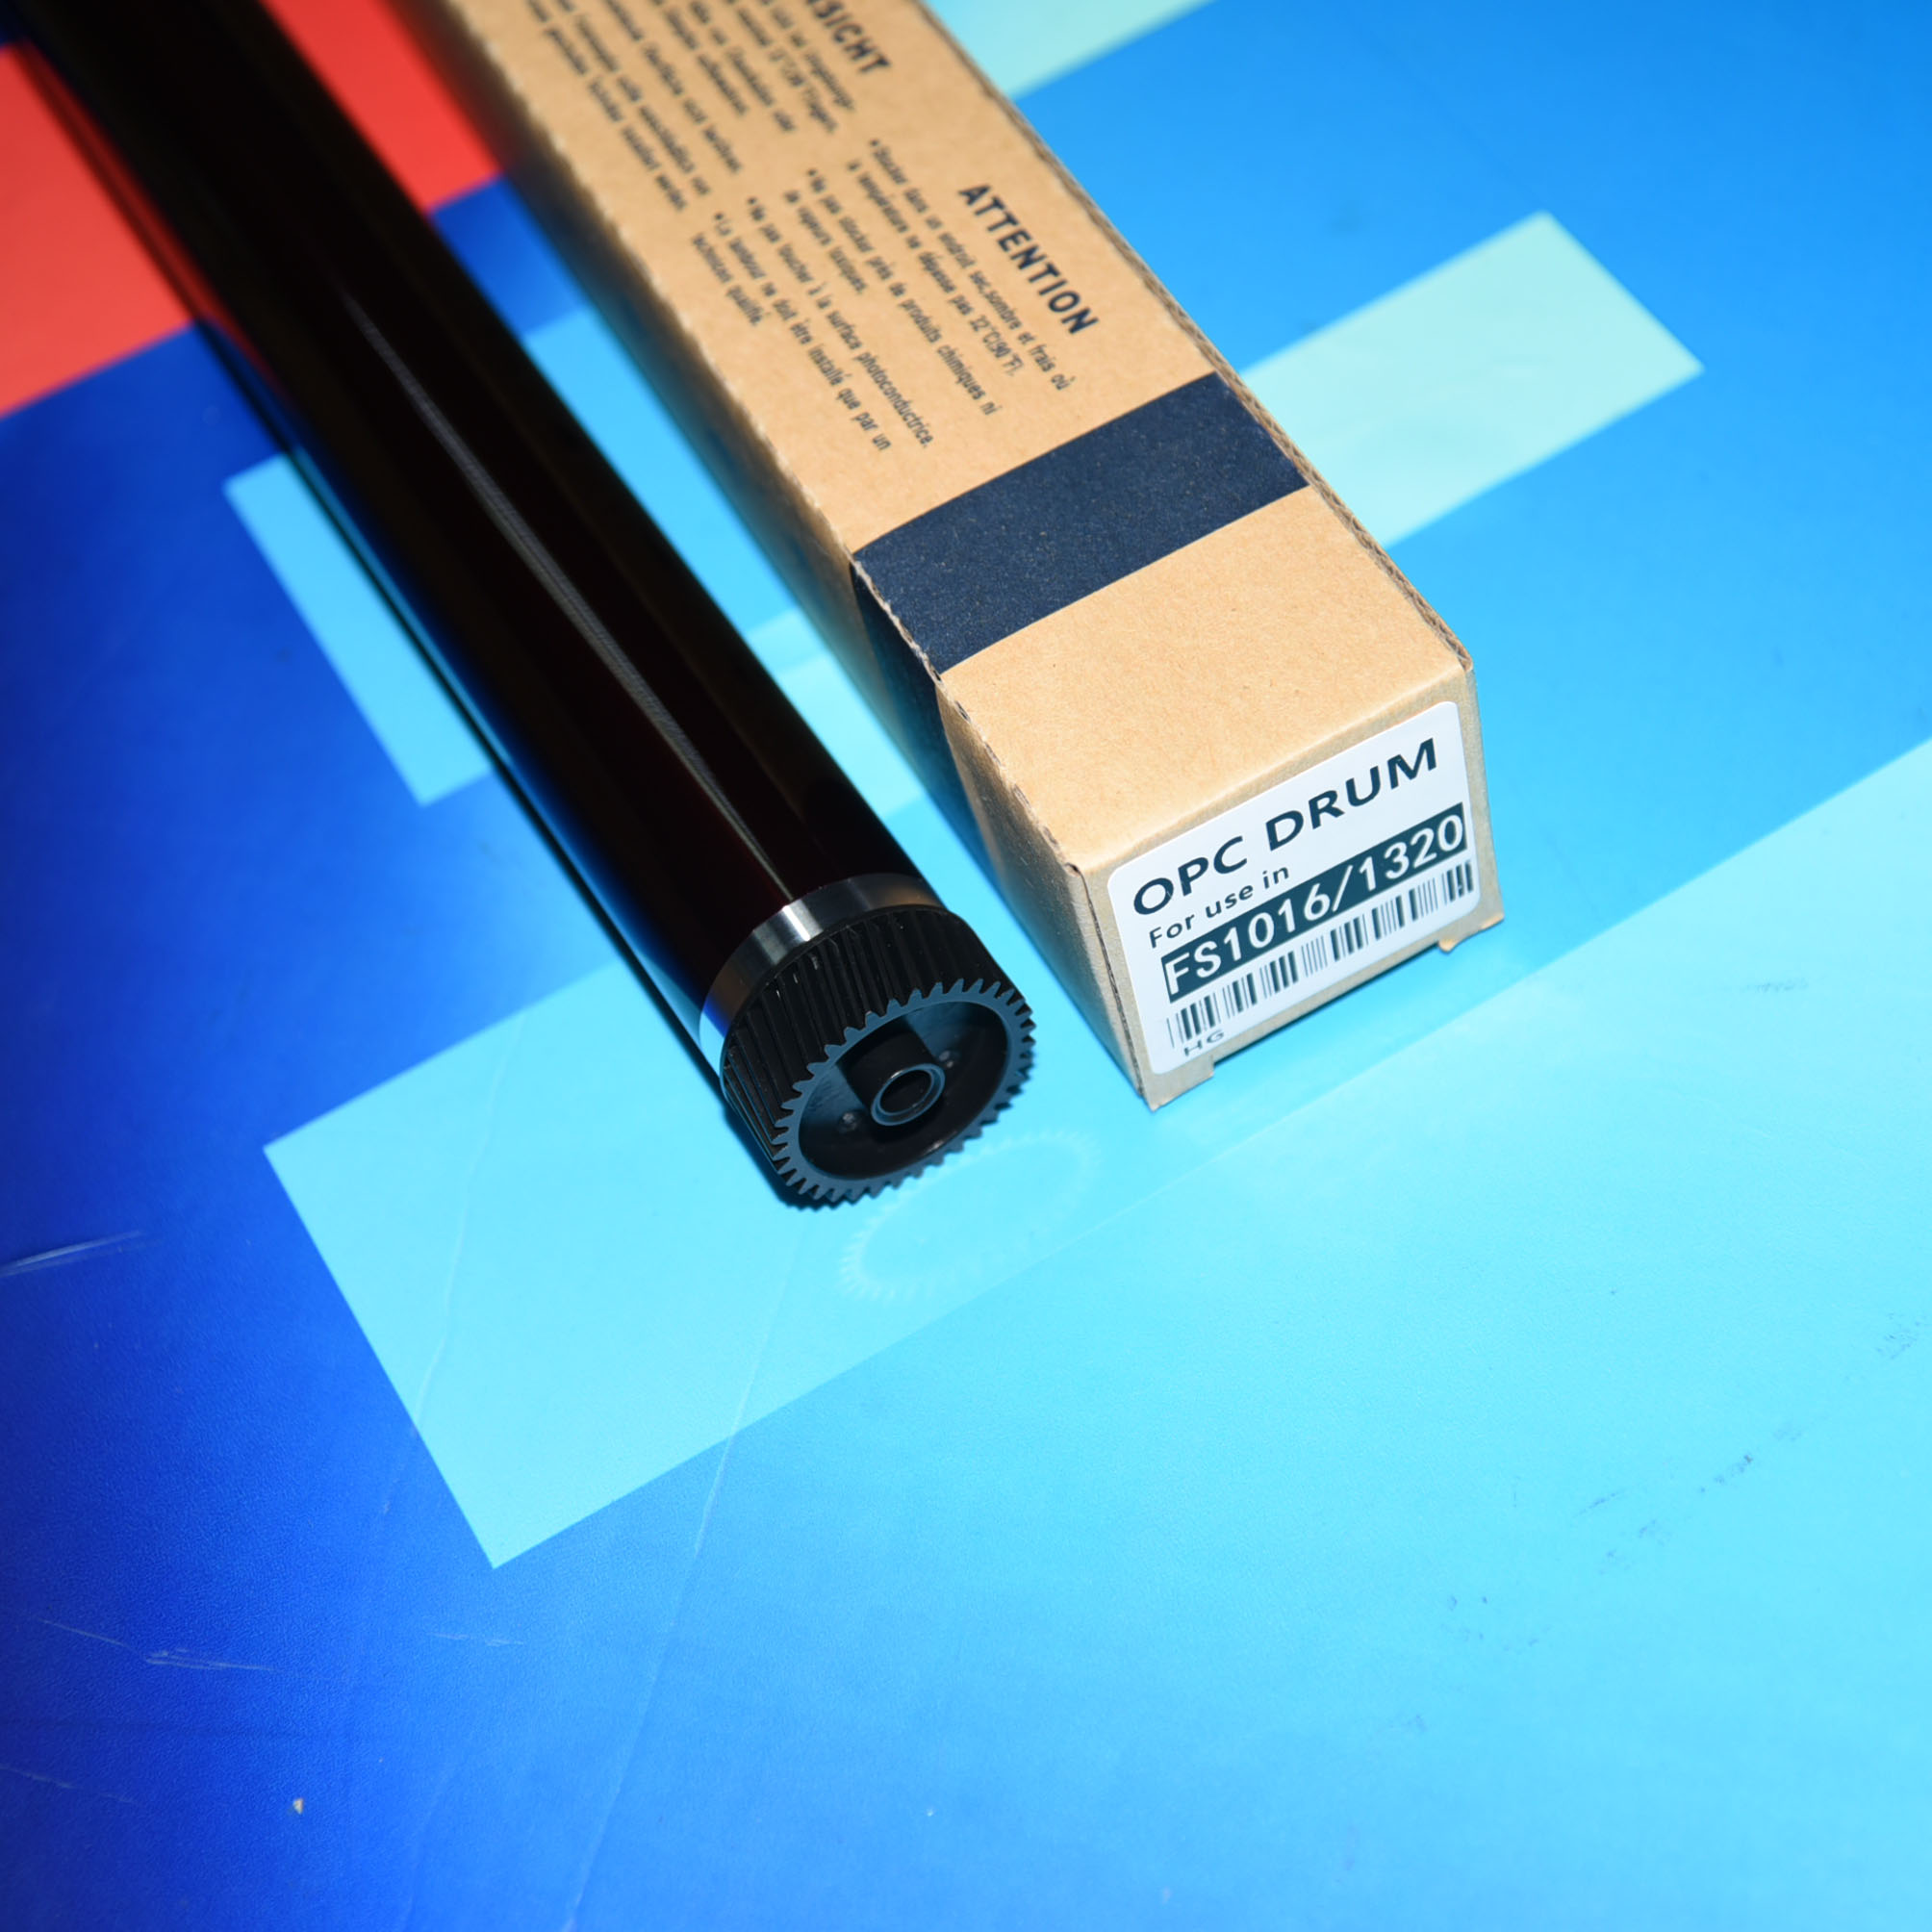 10*60000 صفحات OPC طبل DK130 DK110 لكيوسيرا FS-1124 FS1016 FS-1110 1135 FS1024 FS1300 FS1028 fs1320 fs1370 KM2810 opc طبل